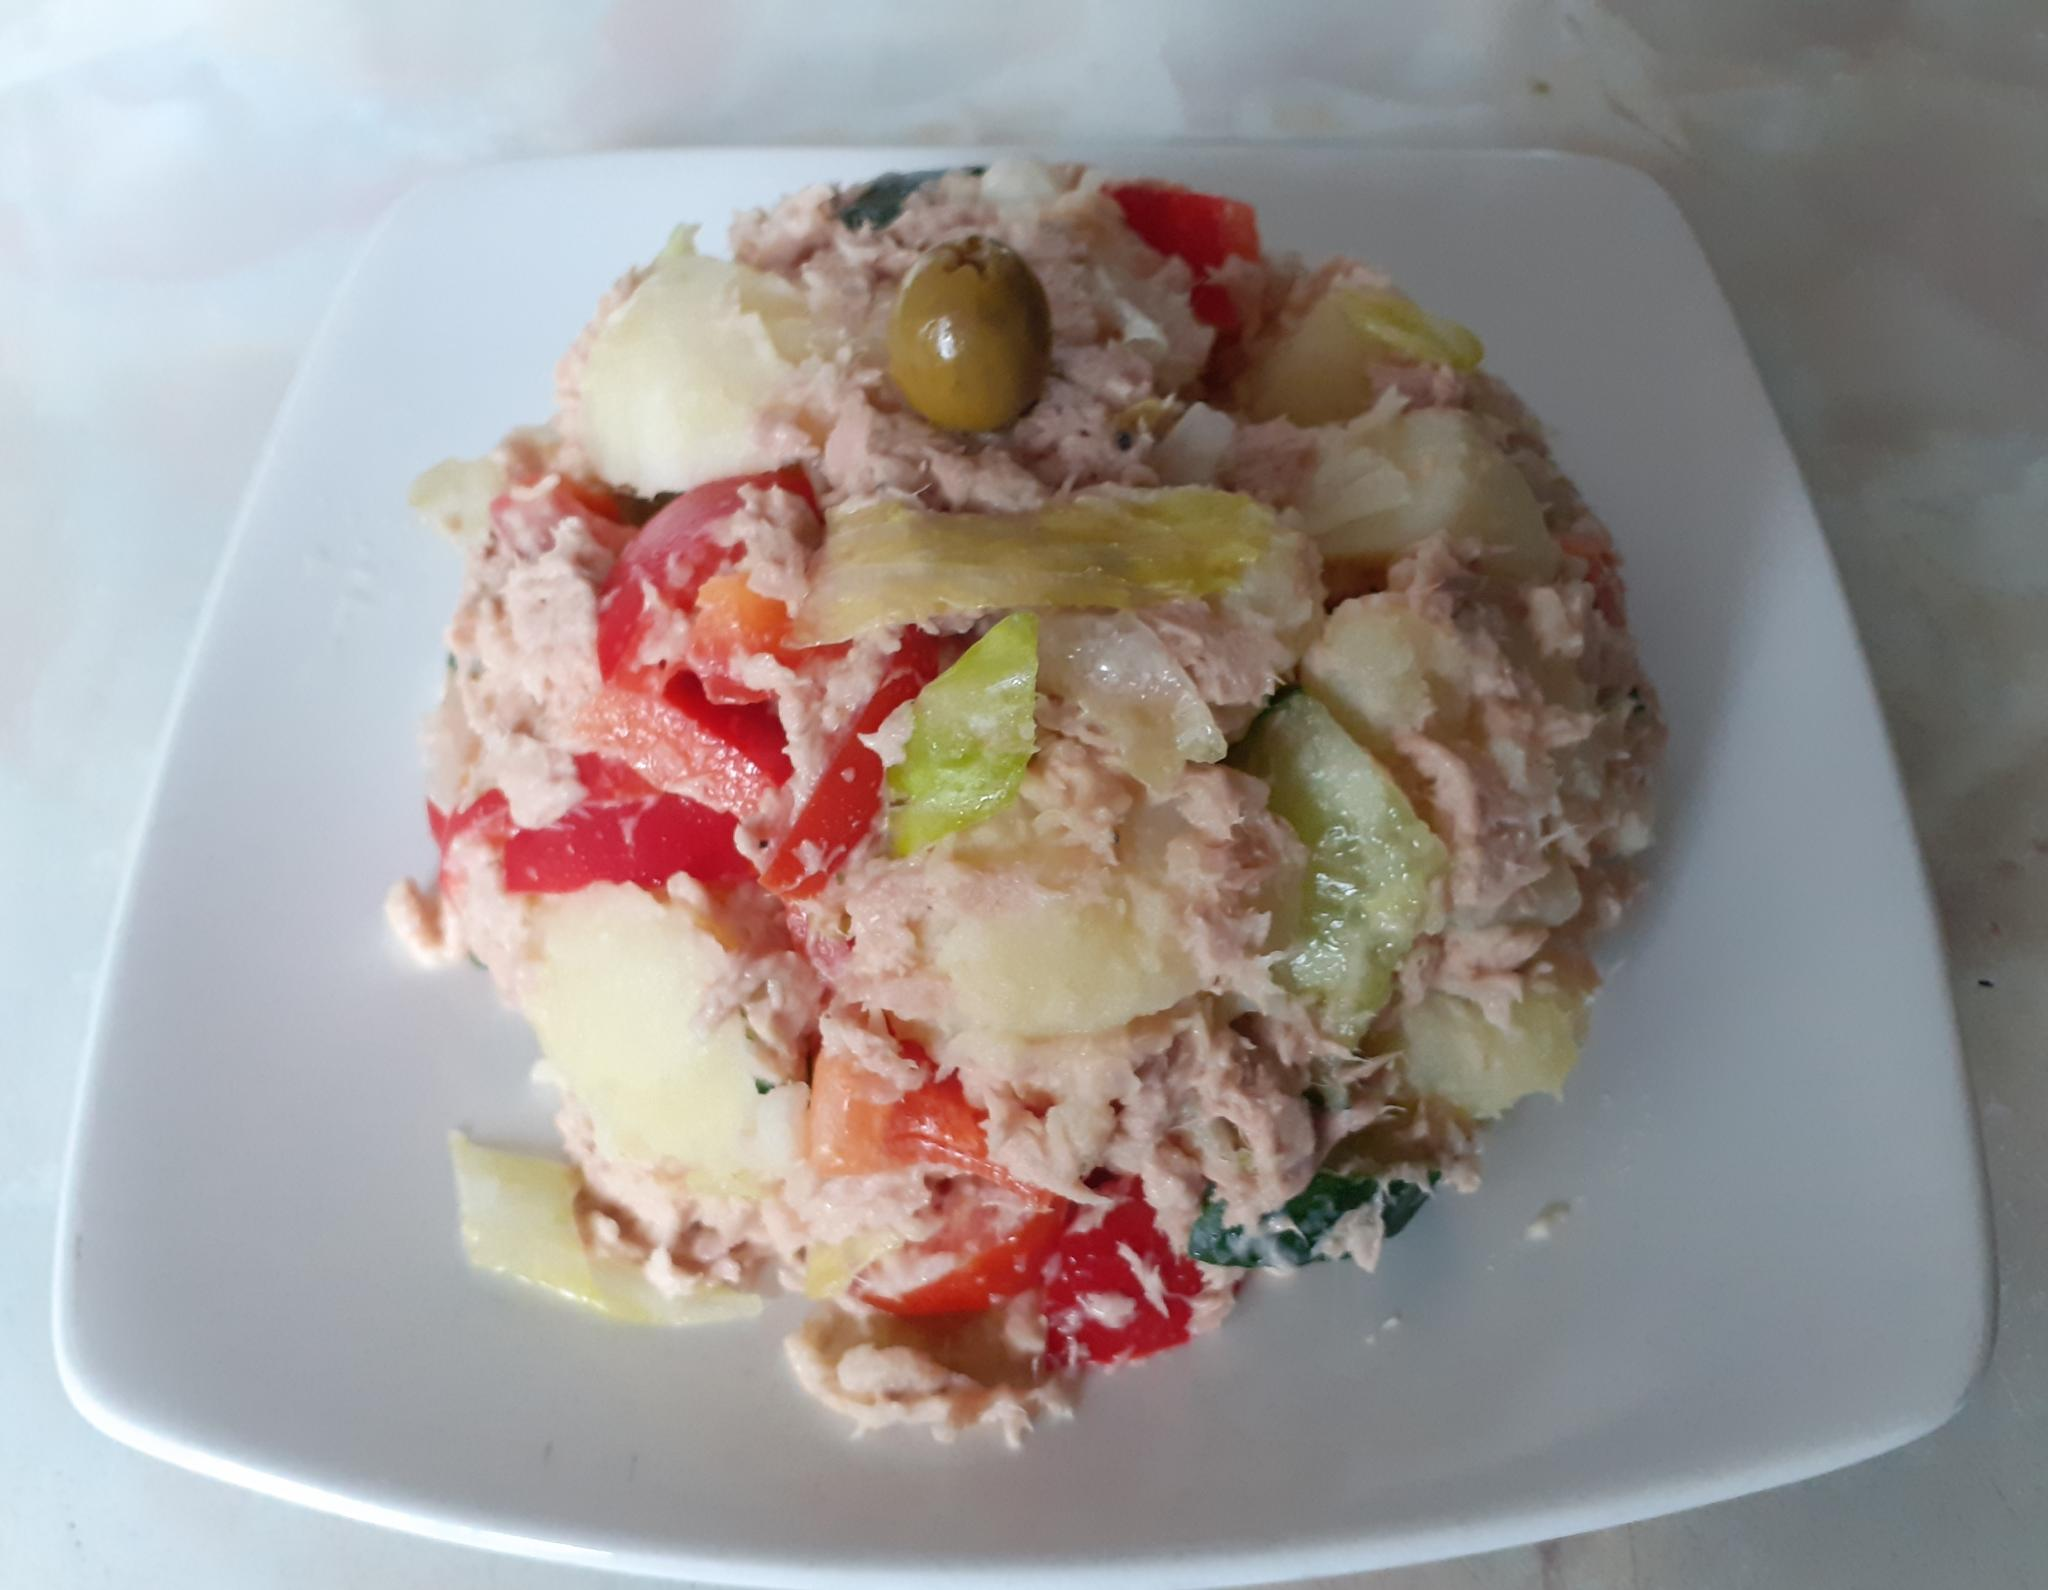 Chittys healthy en salad mixta ala Ruski-20200703_144221-jpg